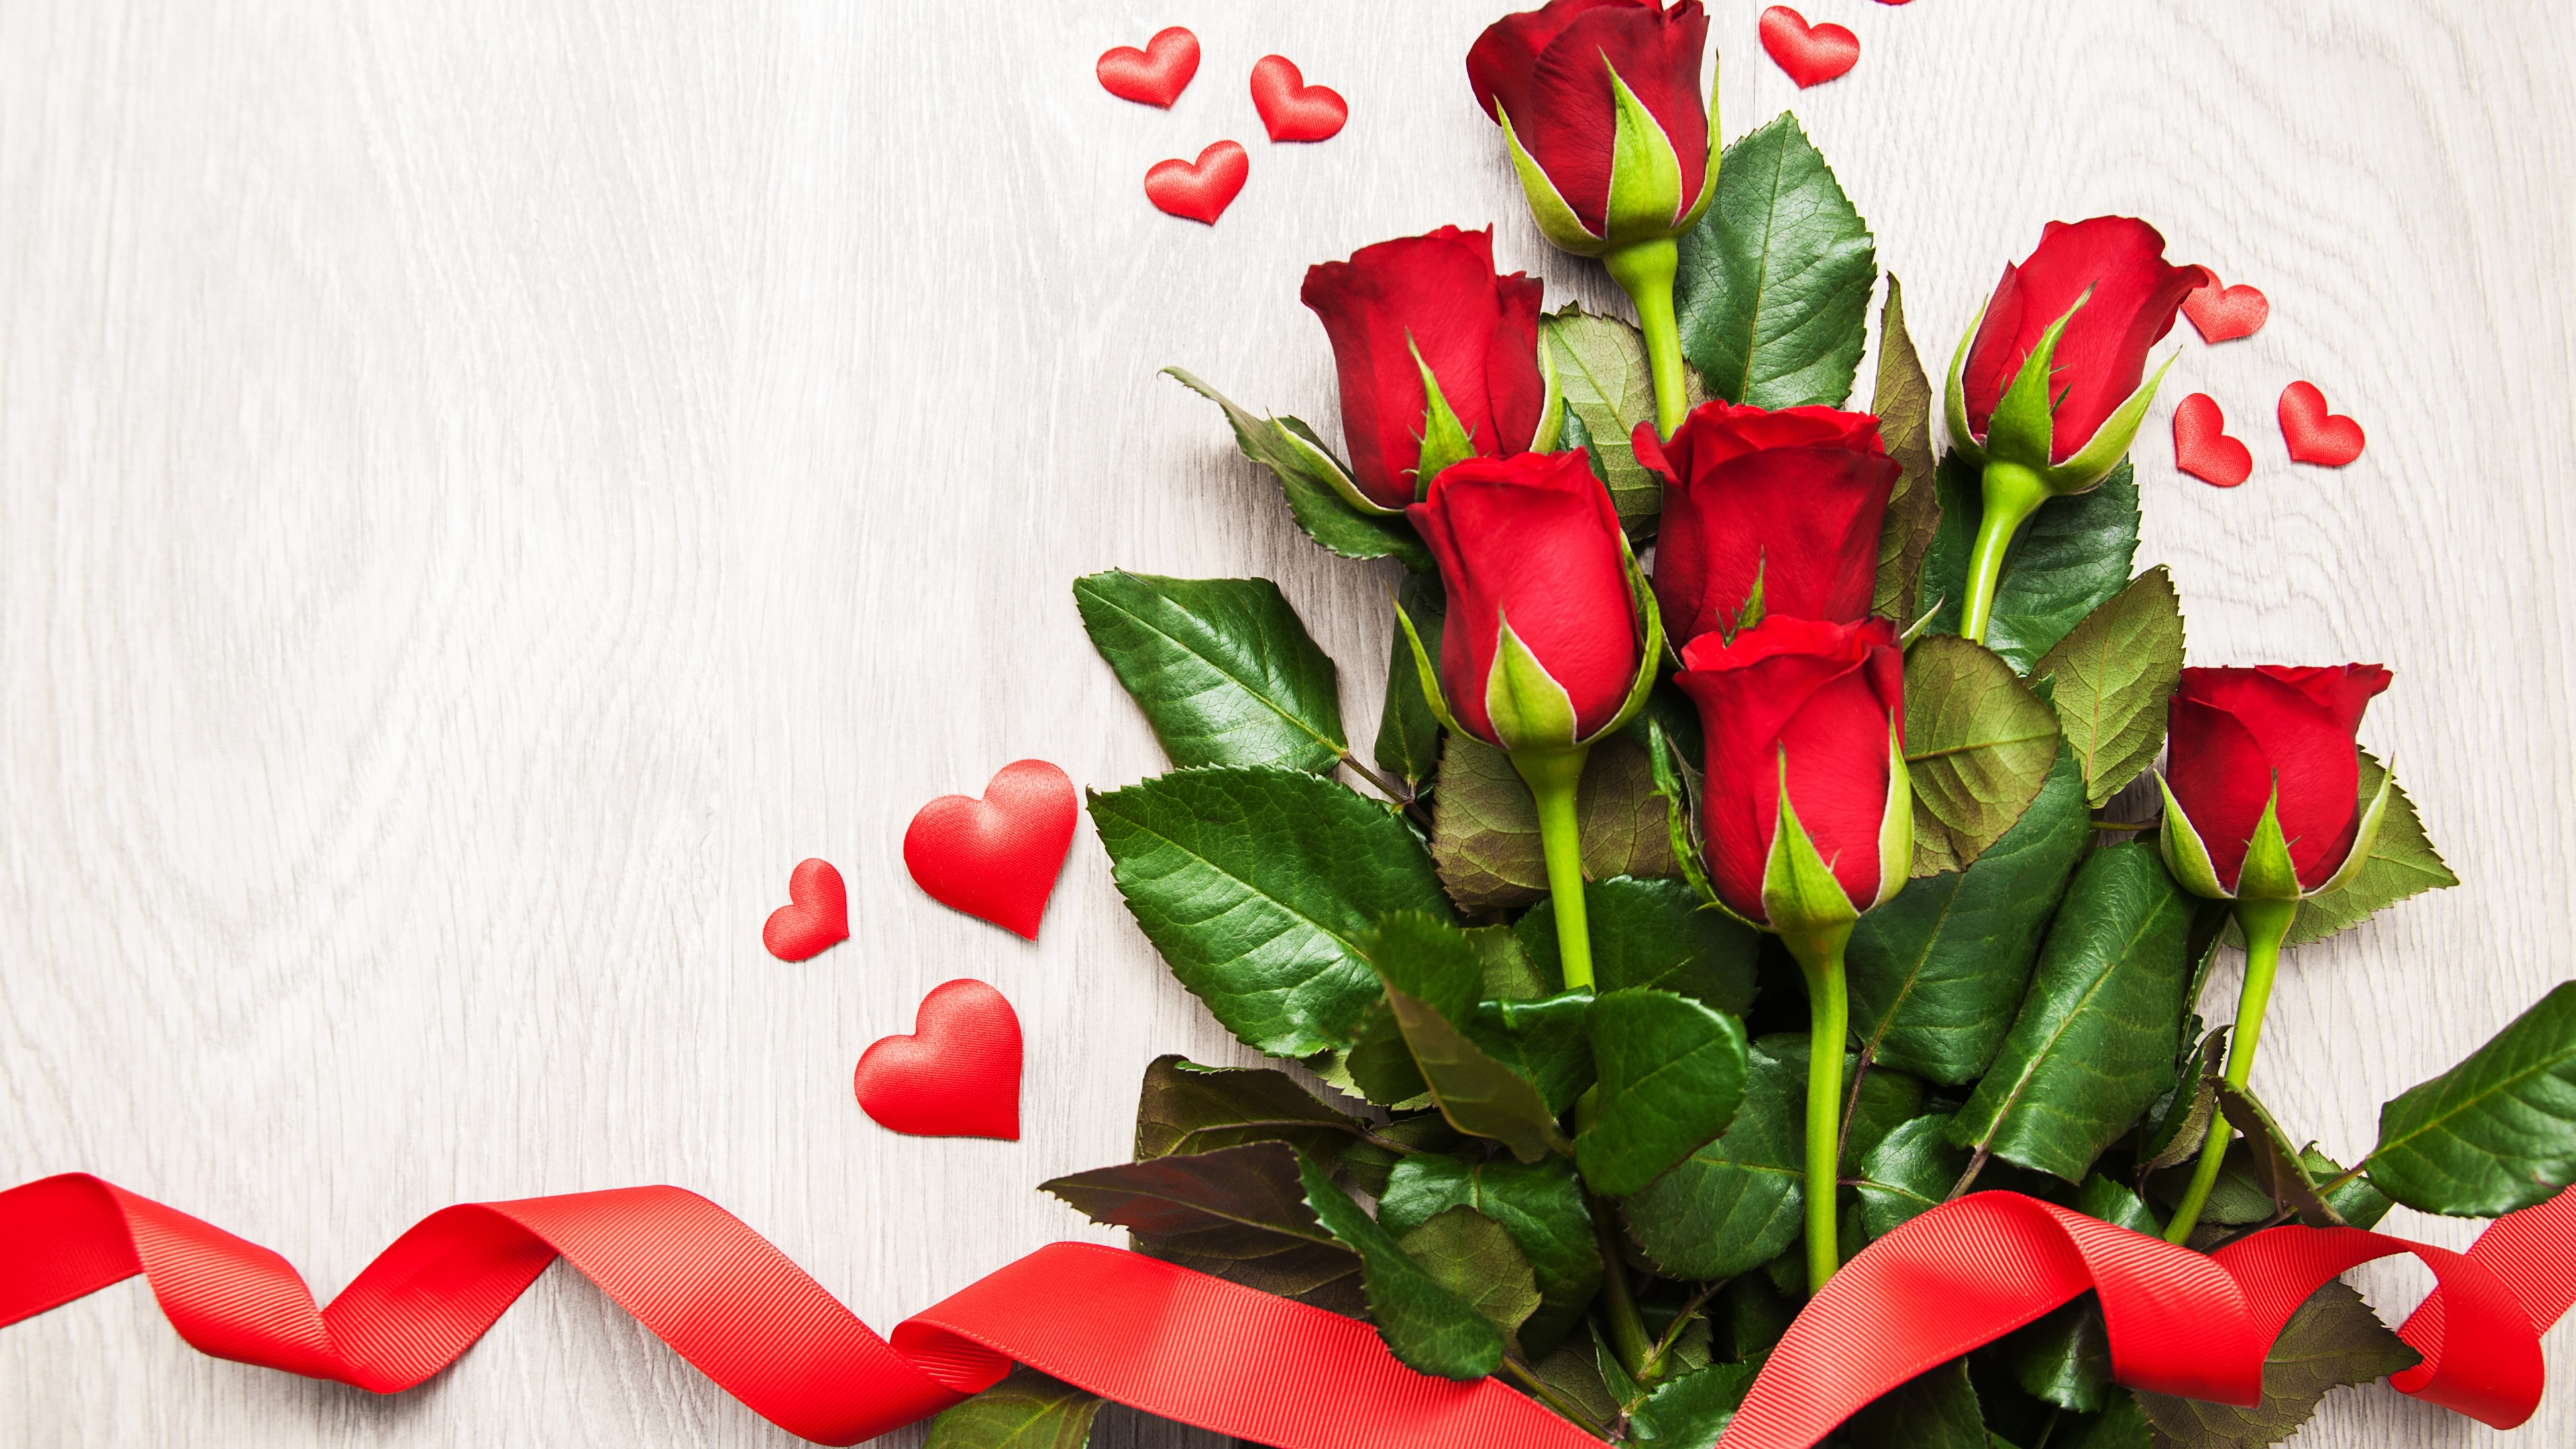 Fondos De Pantalla Rosas Rojas, Corazones Del Amor, Cinta